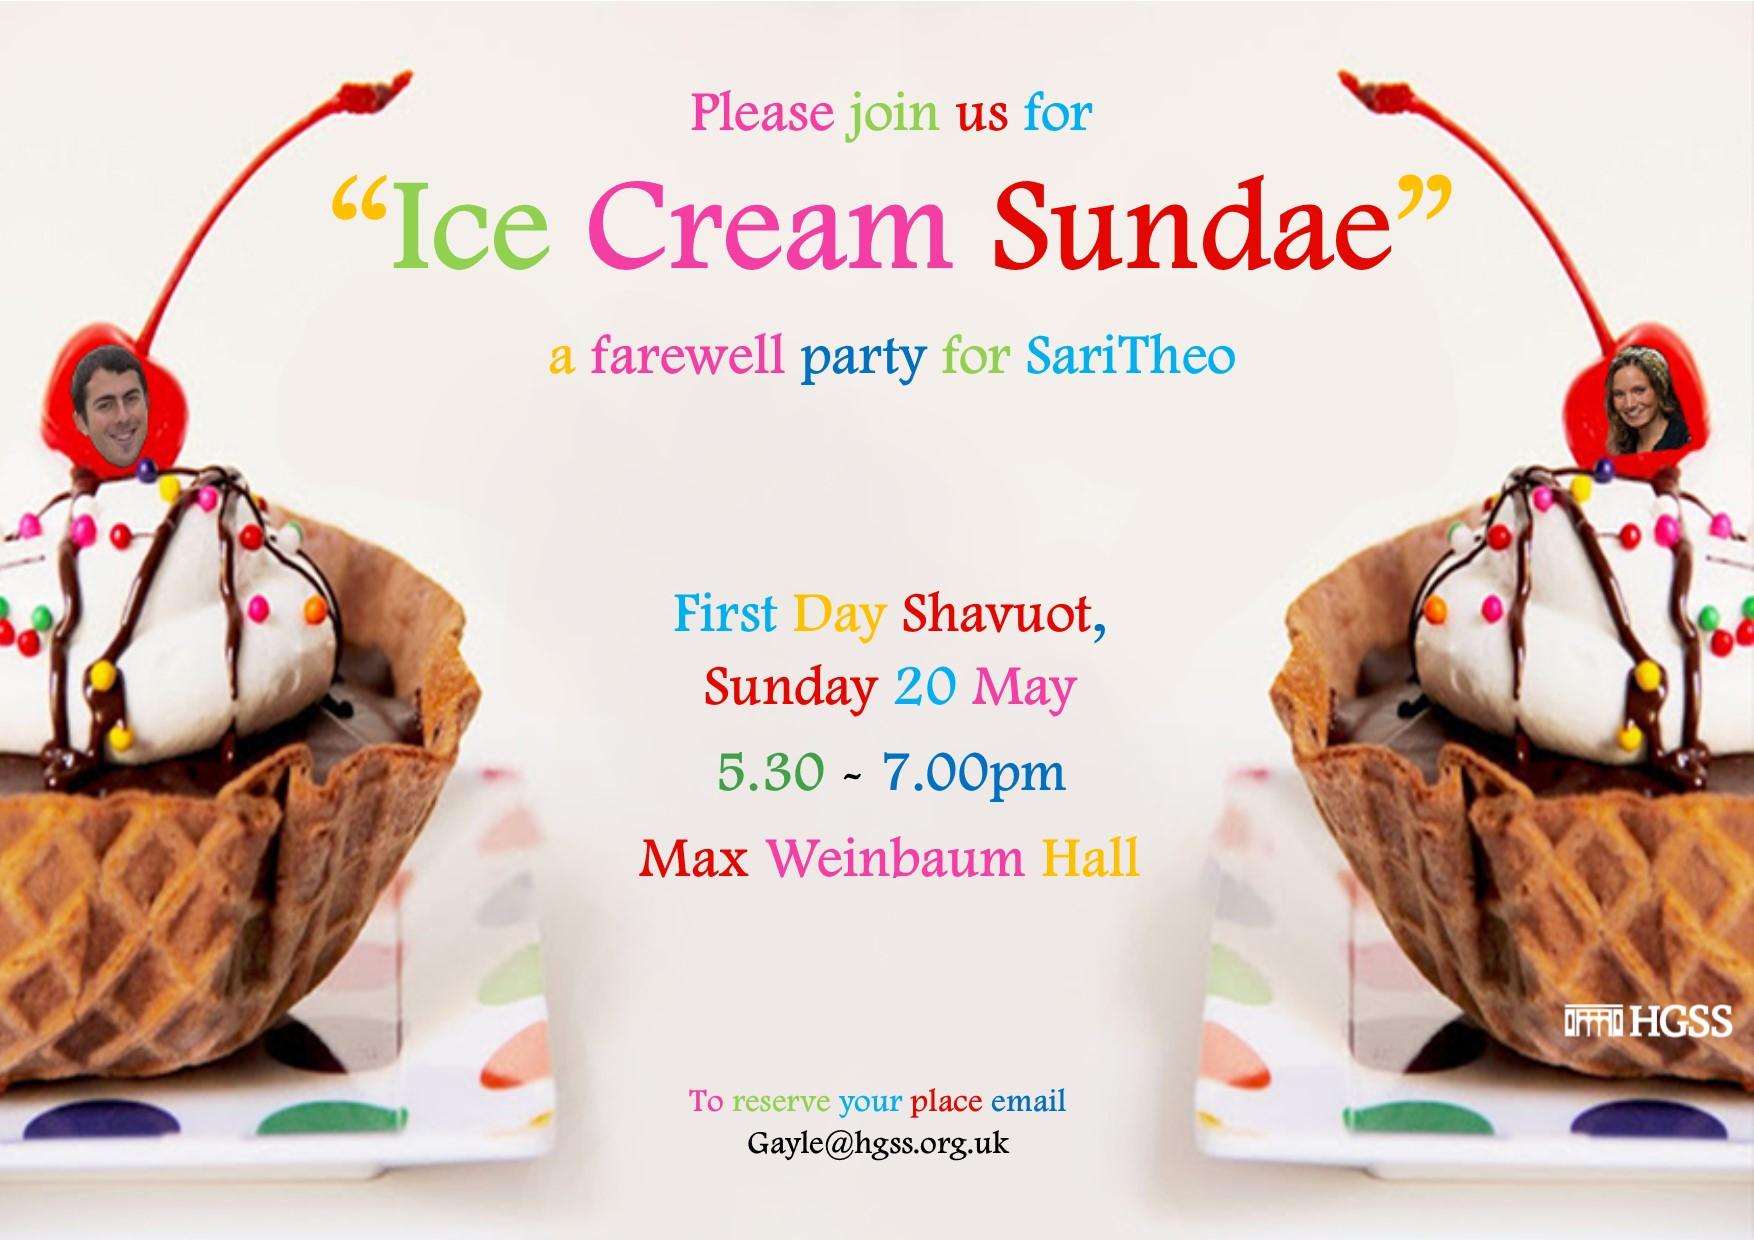 Ice Cream Sundae @ Max Weinbaum Hall